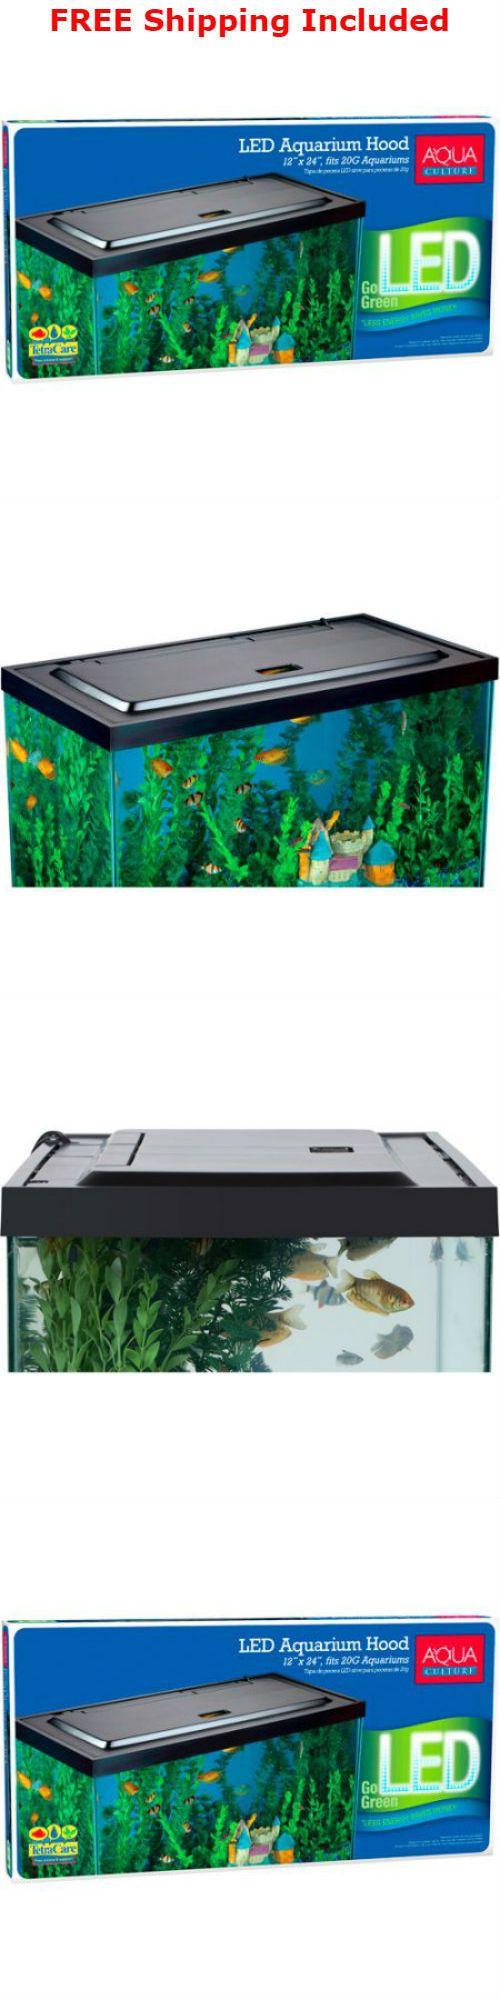 Aquariums and Tanks 20755: Aqua Culture Led Aquarium Hood For 20/55 Gallon Aquariums Fish Tank Lights (New) BUY IT NOW ONLY: $50.27